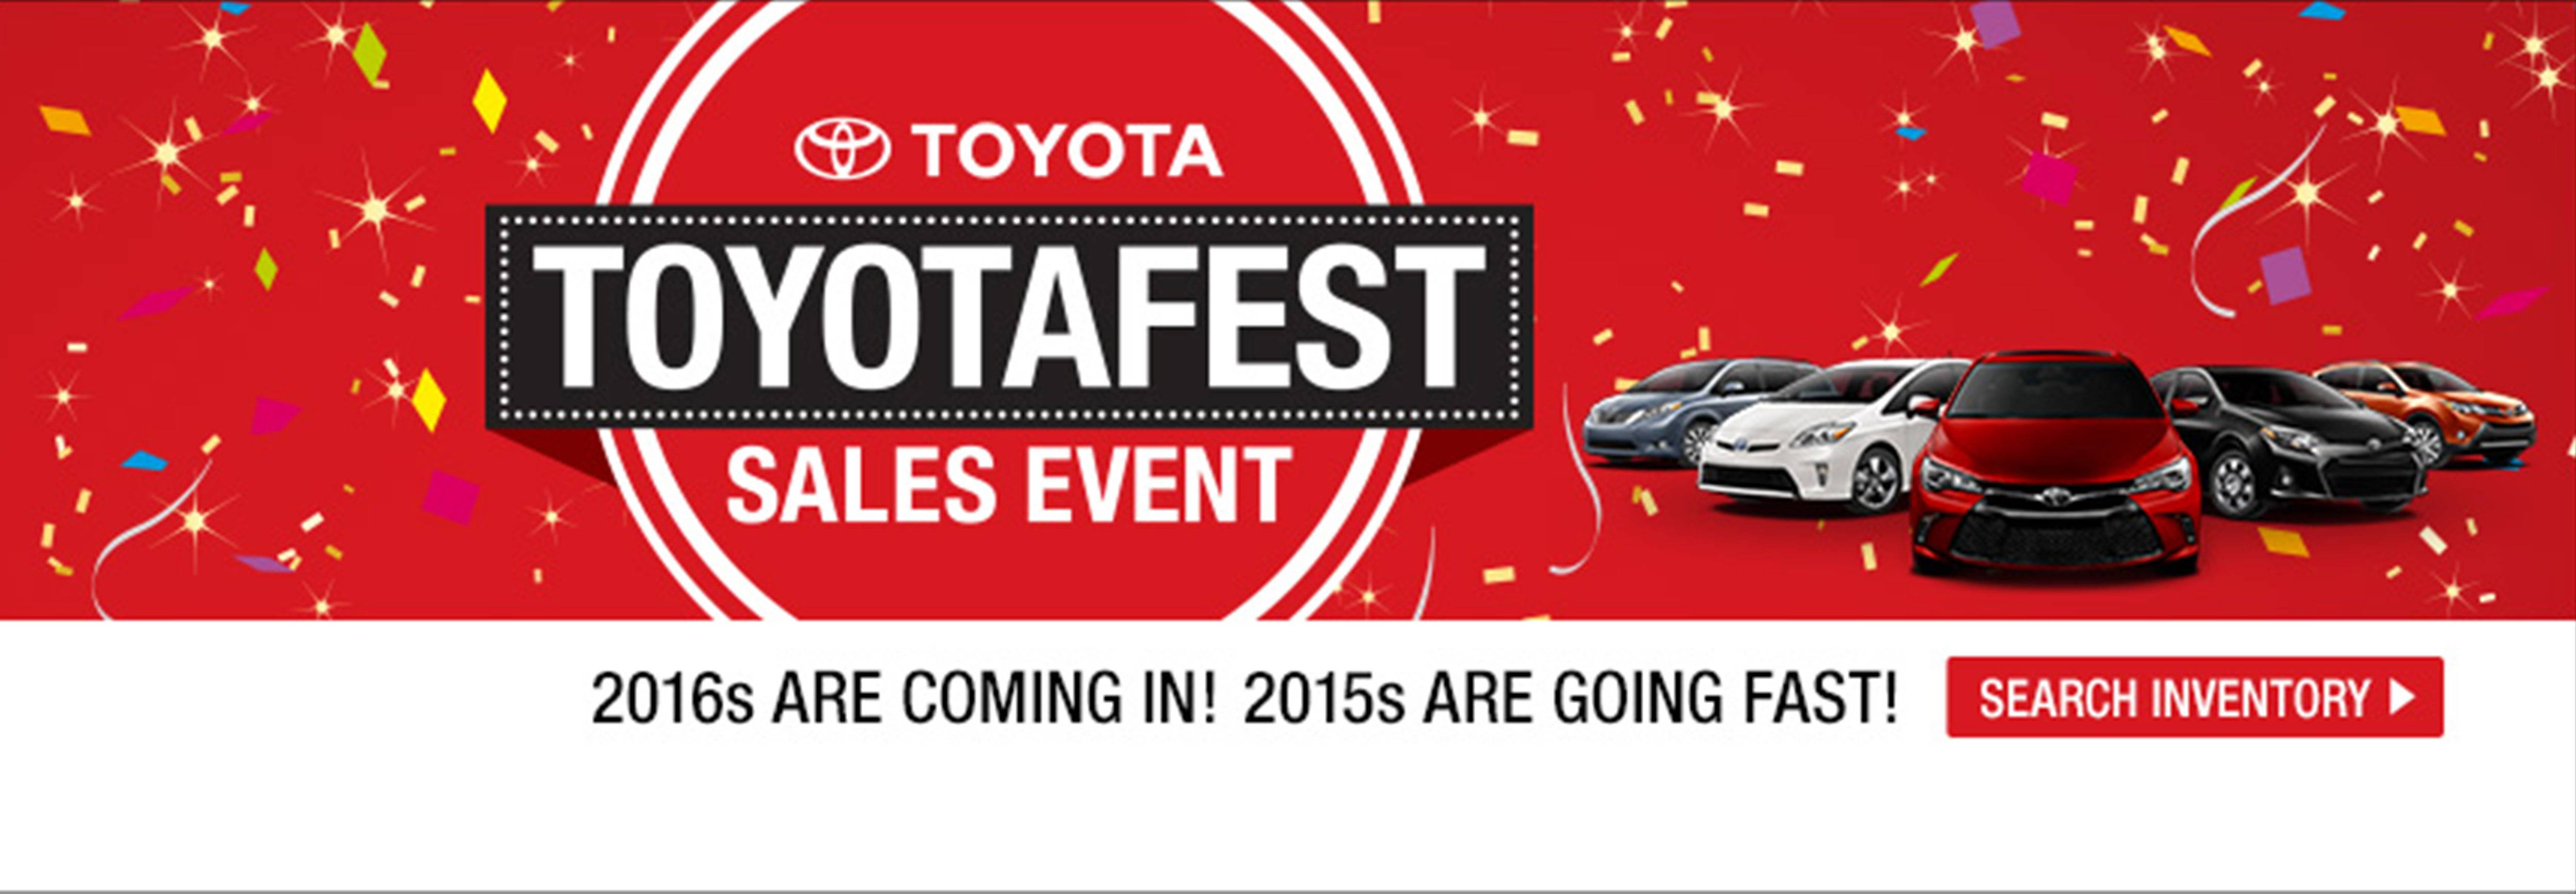 Toyotafest-Sales Event